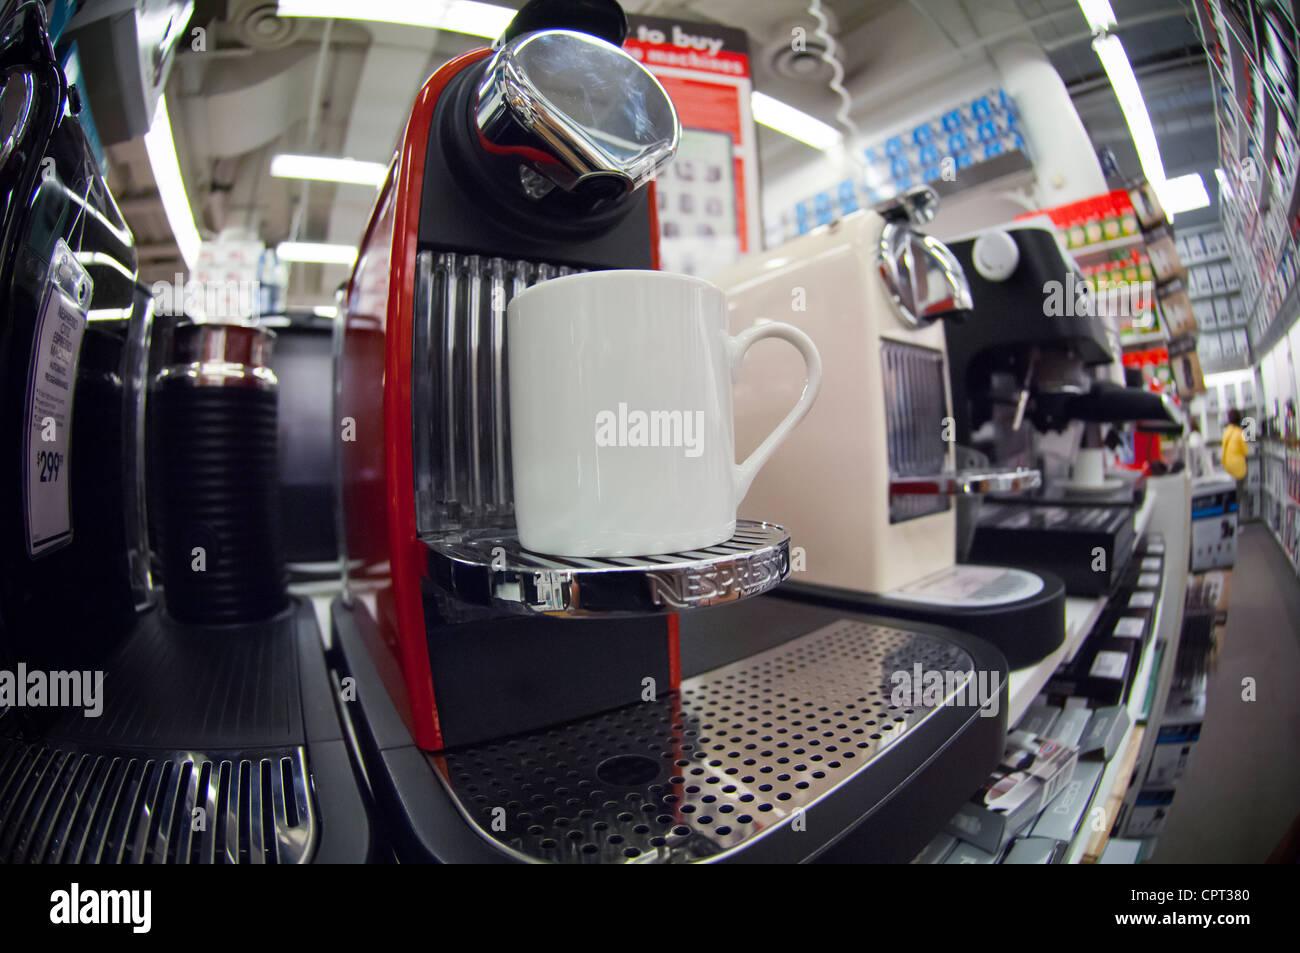 Eine Nespresso-Kaffeemaschine ist für den Verkauf in einem Bett, Bad ...